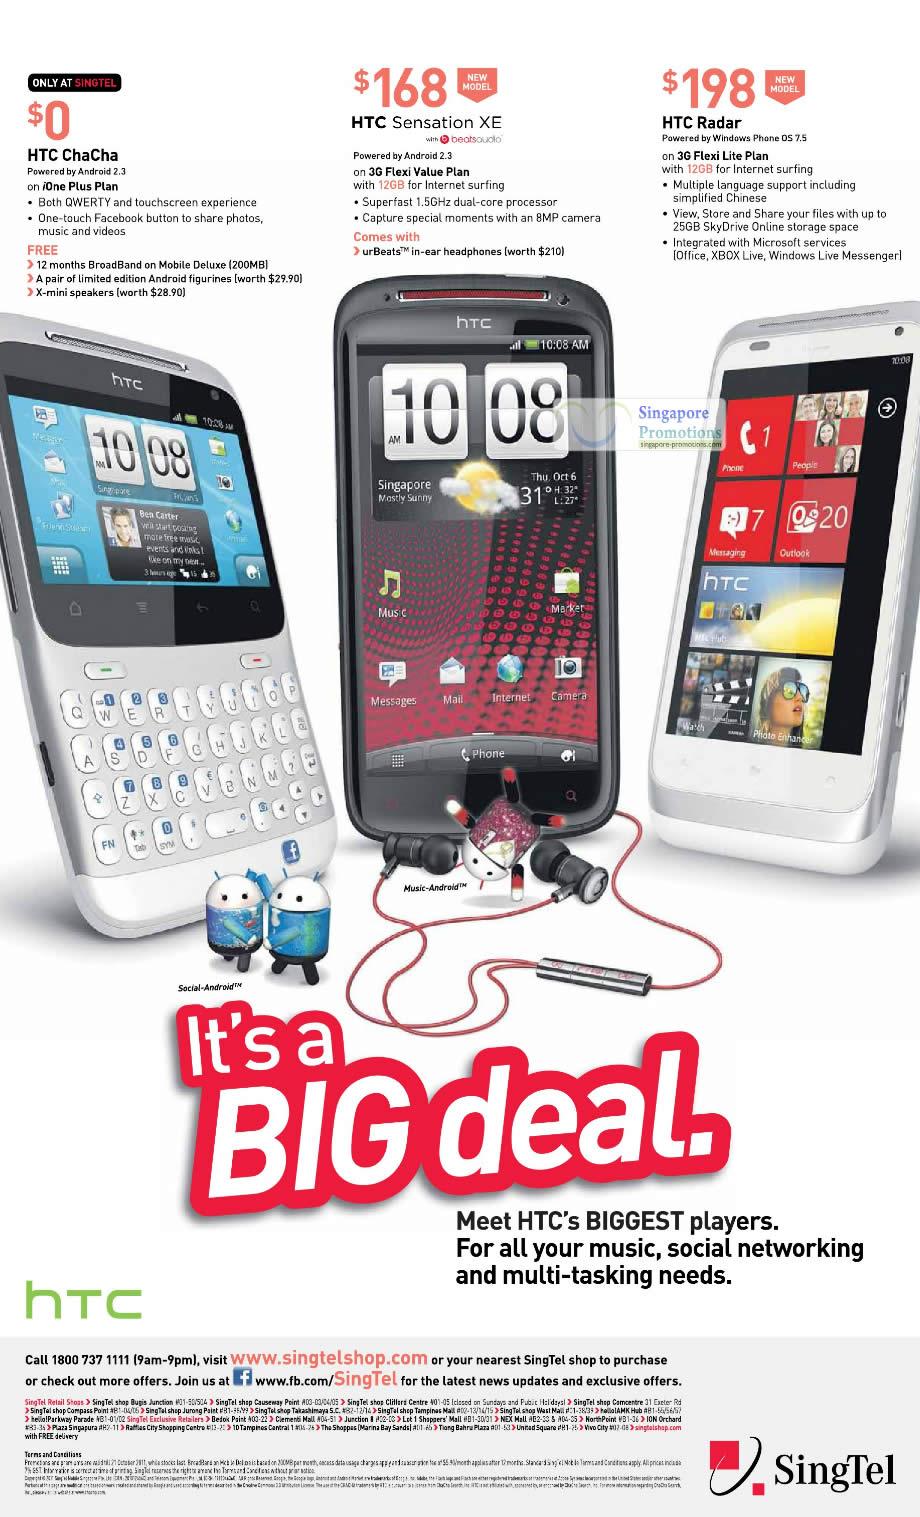 HTC ChaCha, HTC Sensation XE, HTC Radar